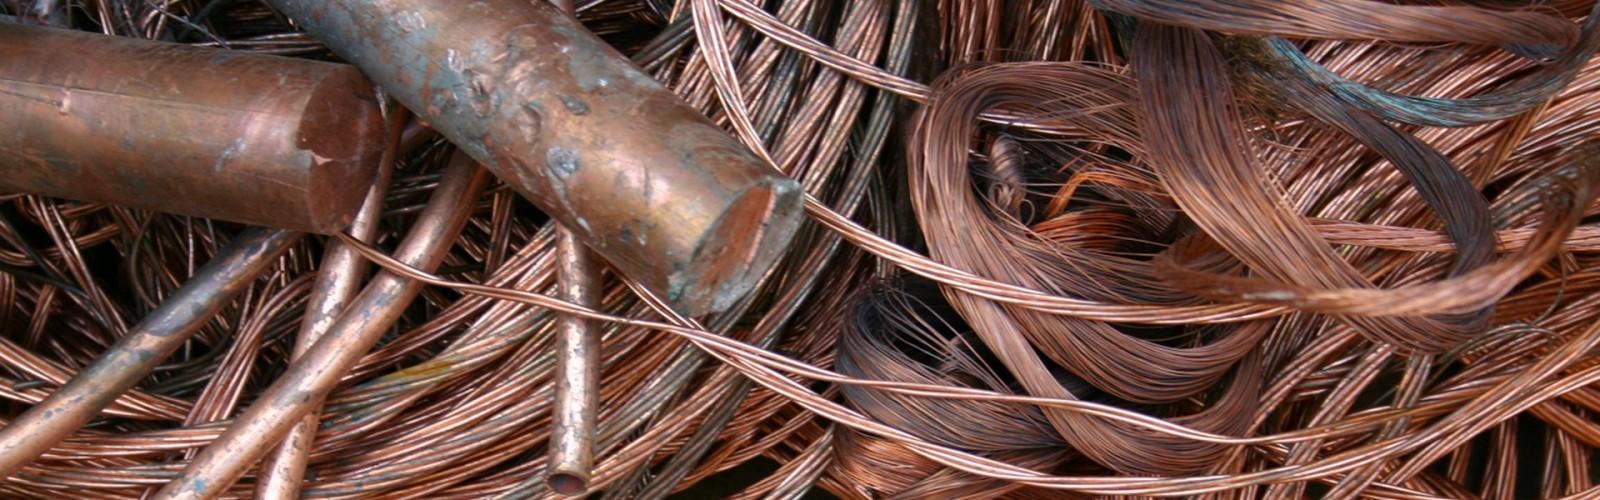 Металл лом цена в Удельная сдать медь в Великий Двор